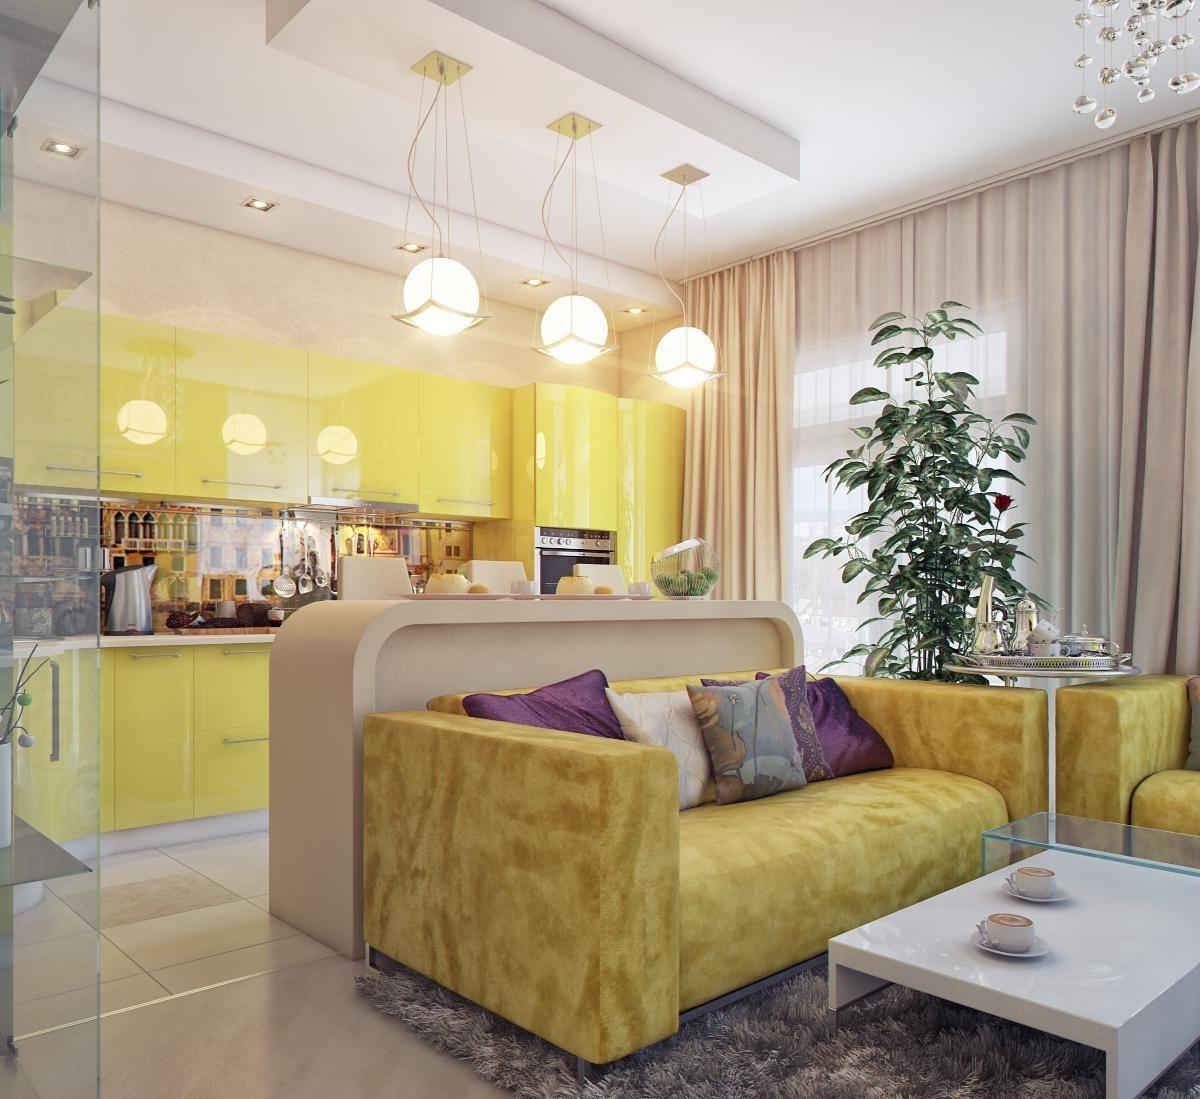 Красивые подушки в желто-бежевой гостиной-кухне